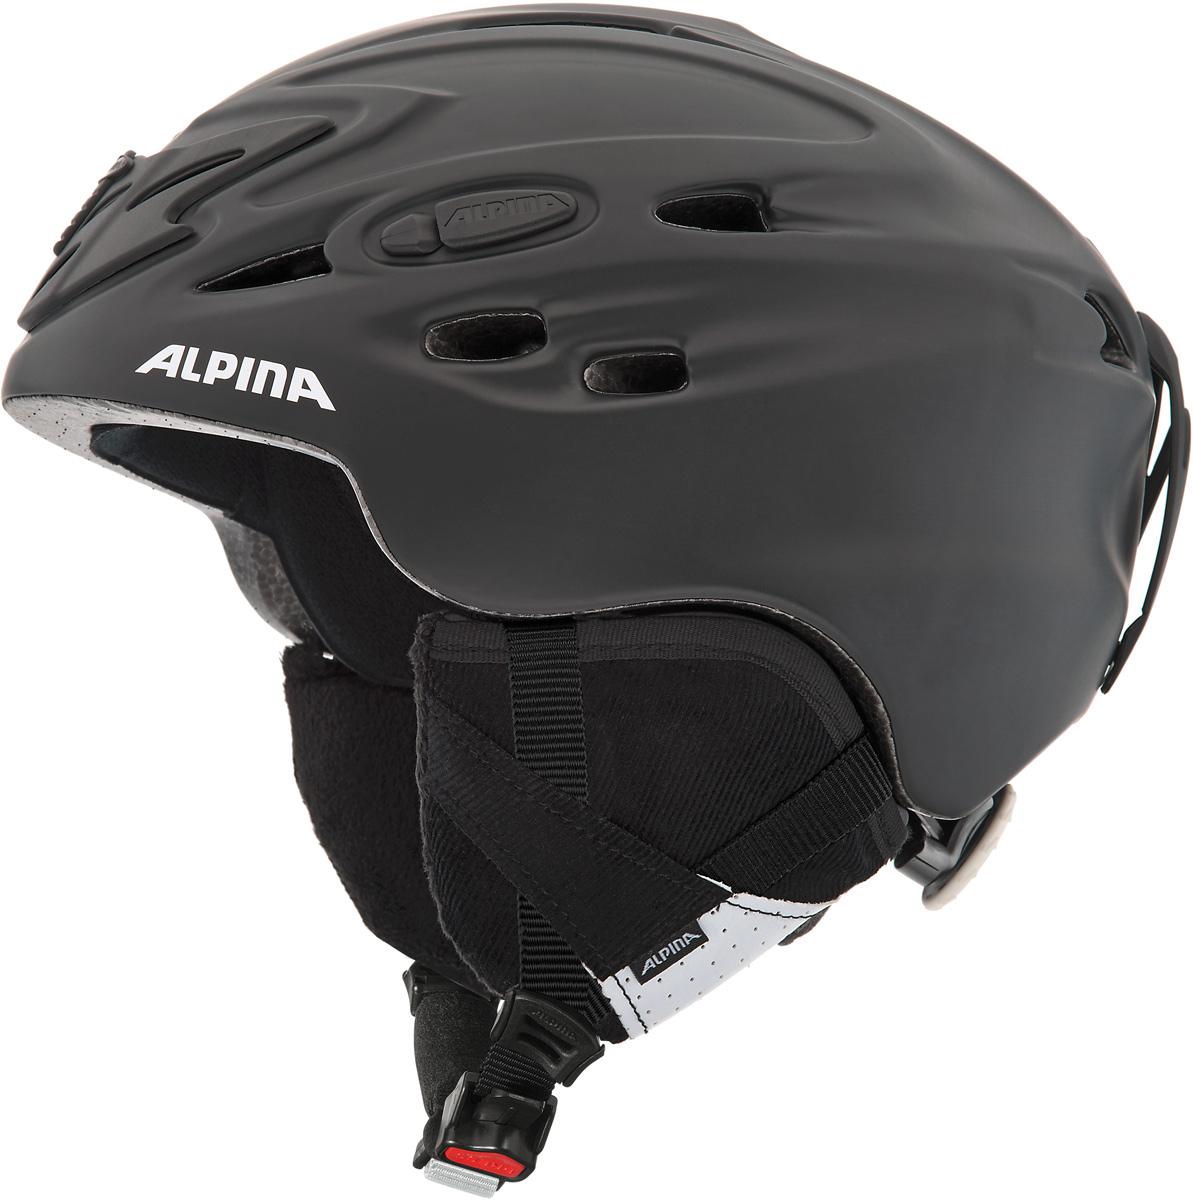 Шлем горнолыжный Alpina Scara, цвет: черный. A9017_69. Размер 52-56A9017_69Шлем горнолыжный Alpina Scara - модель создана специально для тех, кто не хочет идти на компромисс между технологиями и стилем. Исключительно устойчивый и легкий. Благодаря эффективной системы вентиляции между внутренней и внешней оболочкой микроклимат под шлемом всегда прохладный. Вынимаемая внутренняя подкладка шлема, которую можно стирать.Технологии: Inmold Tec – технология соединения внутренней и внешней части шлема при помощи высокой температуры. Данный метод делает соединение исключительно прочным, а сам шлем легким. Такой метод соединения гораздо надежнее и безопаснее обычного склеивания.Ceramic – особая технология производства внешней оболочки шлема. Используются легковесные материалы экстремально прочные и устойчивые к царапинам. Возможно использование при сильном УФ изучении, так же поверхность имеет антистатическое покрытие.Run System – простая система настройки шлема, позволяющая добиться надежной фиксации.Airstream Control – регулируемые воздушные клапана для полного контроля внутренней вентиляции.Removable Earpads - съемные амбушюры добавляют чувства свободы во время катания в теплую погоду, не в ущерб безопасности. При падении температуры, амбушюры легко устанавливаются обратно на шлем.Changeable Interior – съемная внутренняя часть. Допускается стирка в теплой мыльной воде.Neckwarmer – дополнительное утепление шеи. Изготовлено из мягкого флиса.